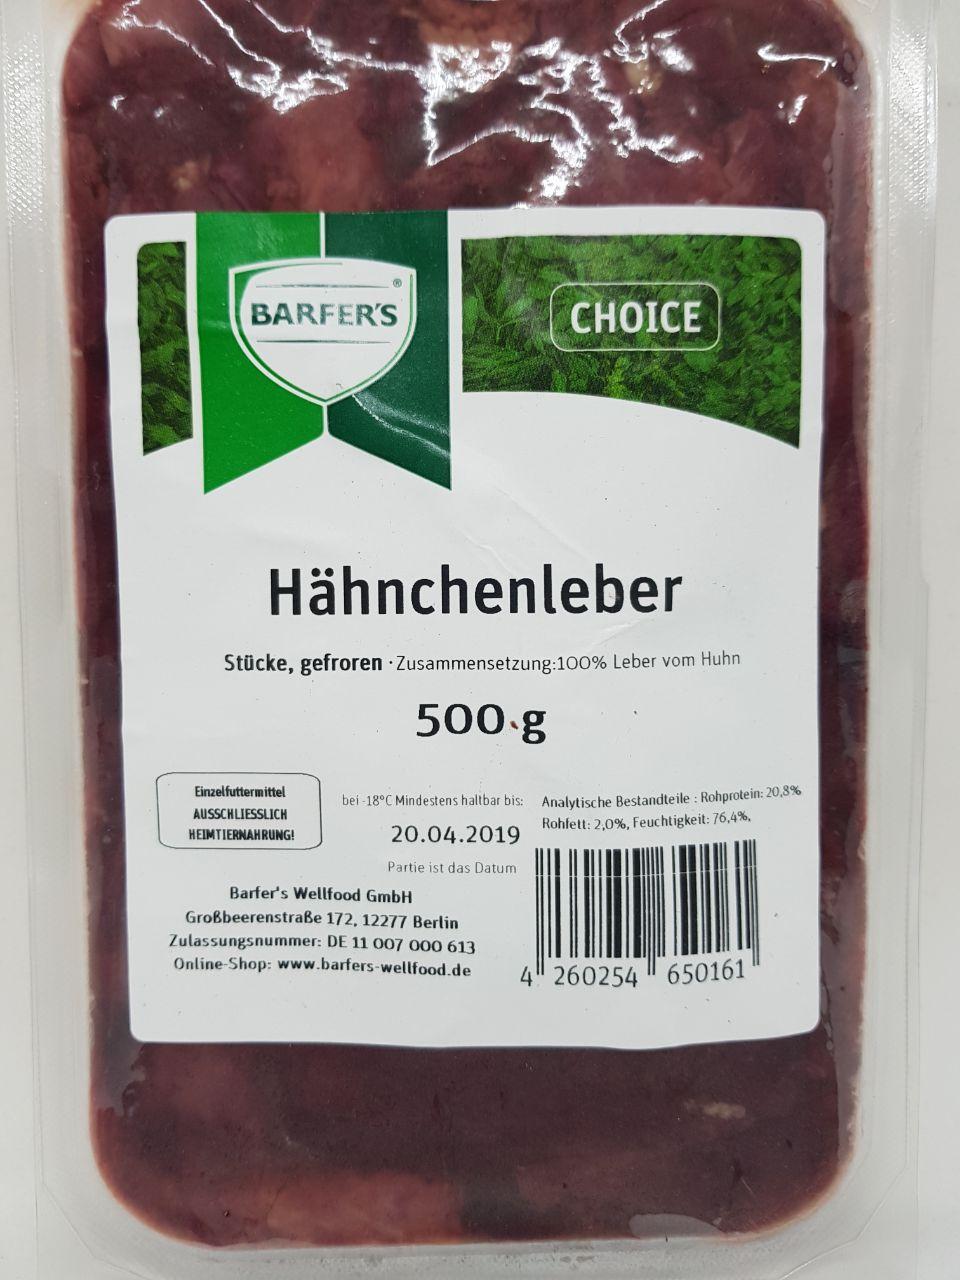 Hähnchenleber, Stücke 500g